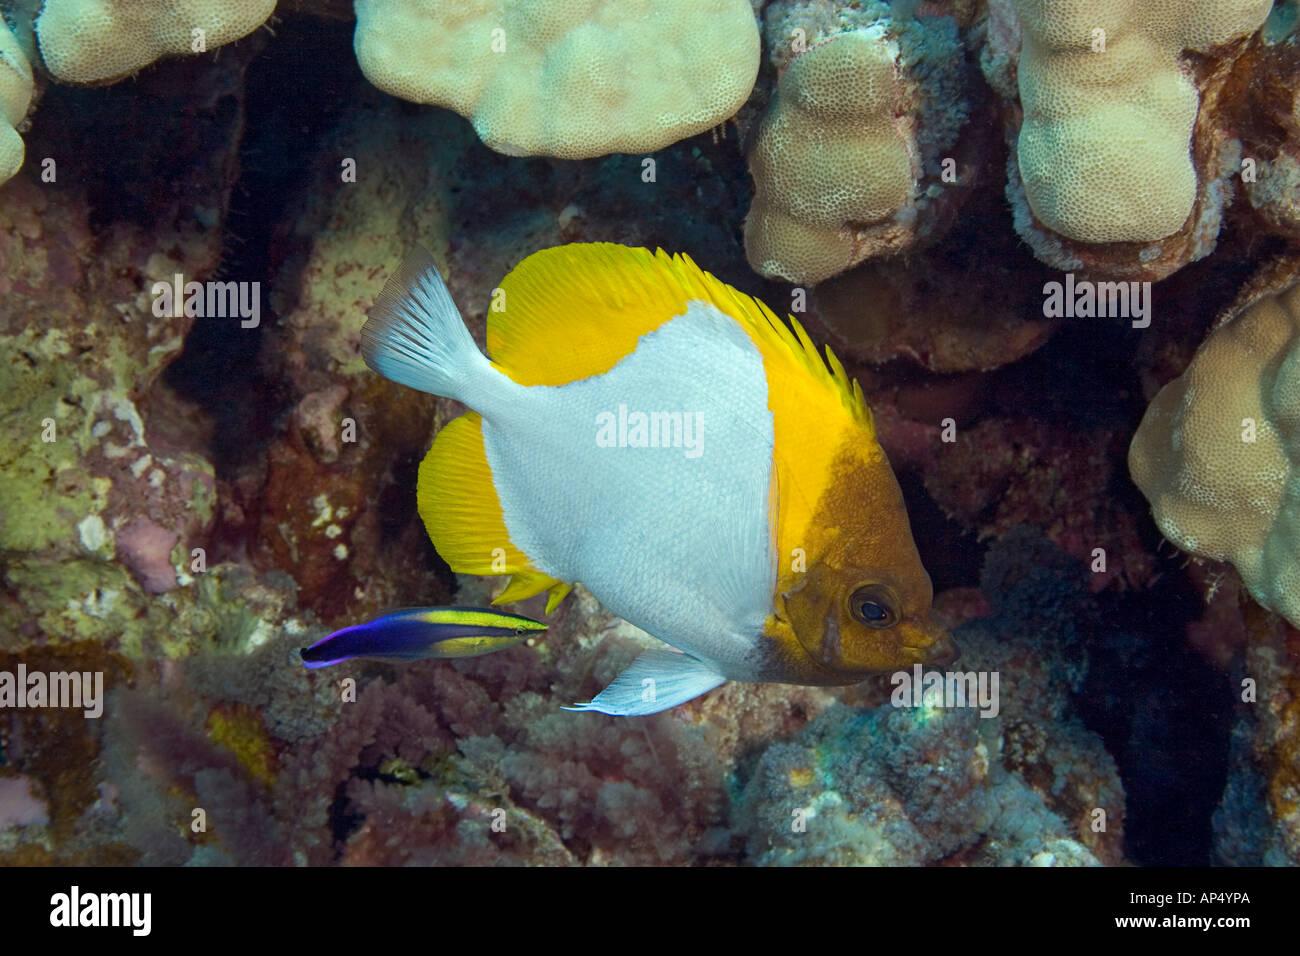 Pirámide, butterflyfish Hemitaurichthys polylepis, y un limpiador de hawaianos endémicos de napoleón, Labroides phthirophagus, Hawai. Foto de stock